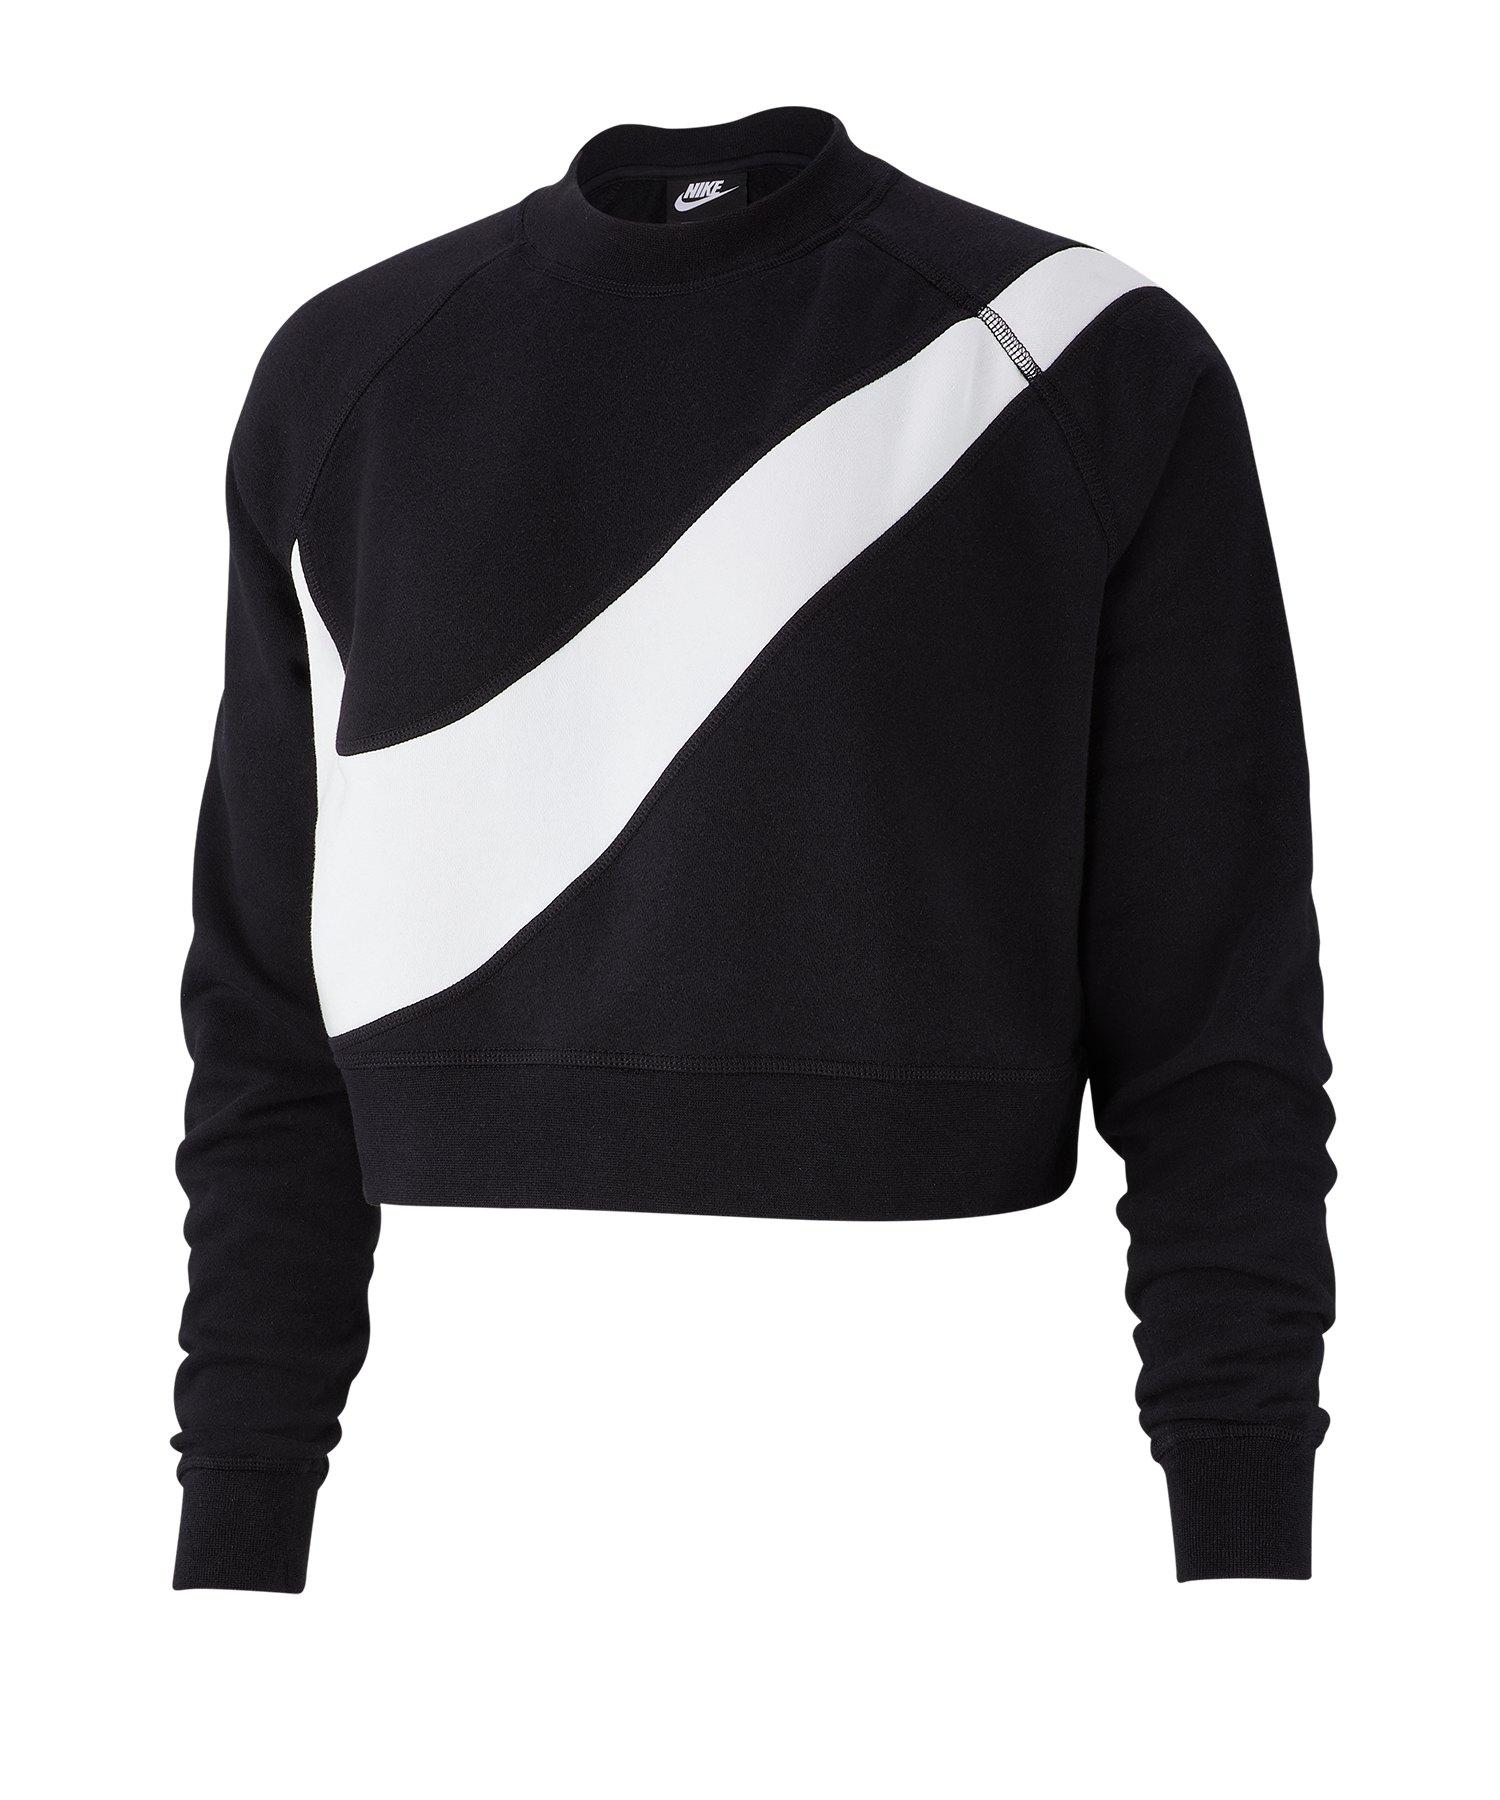 Nike Swoosh Sweatshirt Damen F011 - schwarz